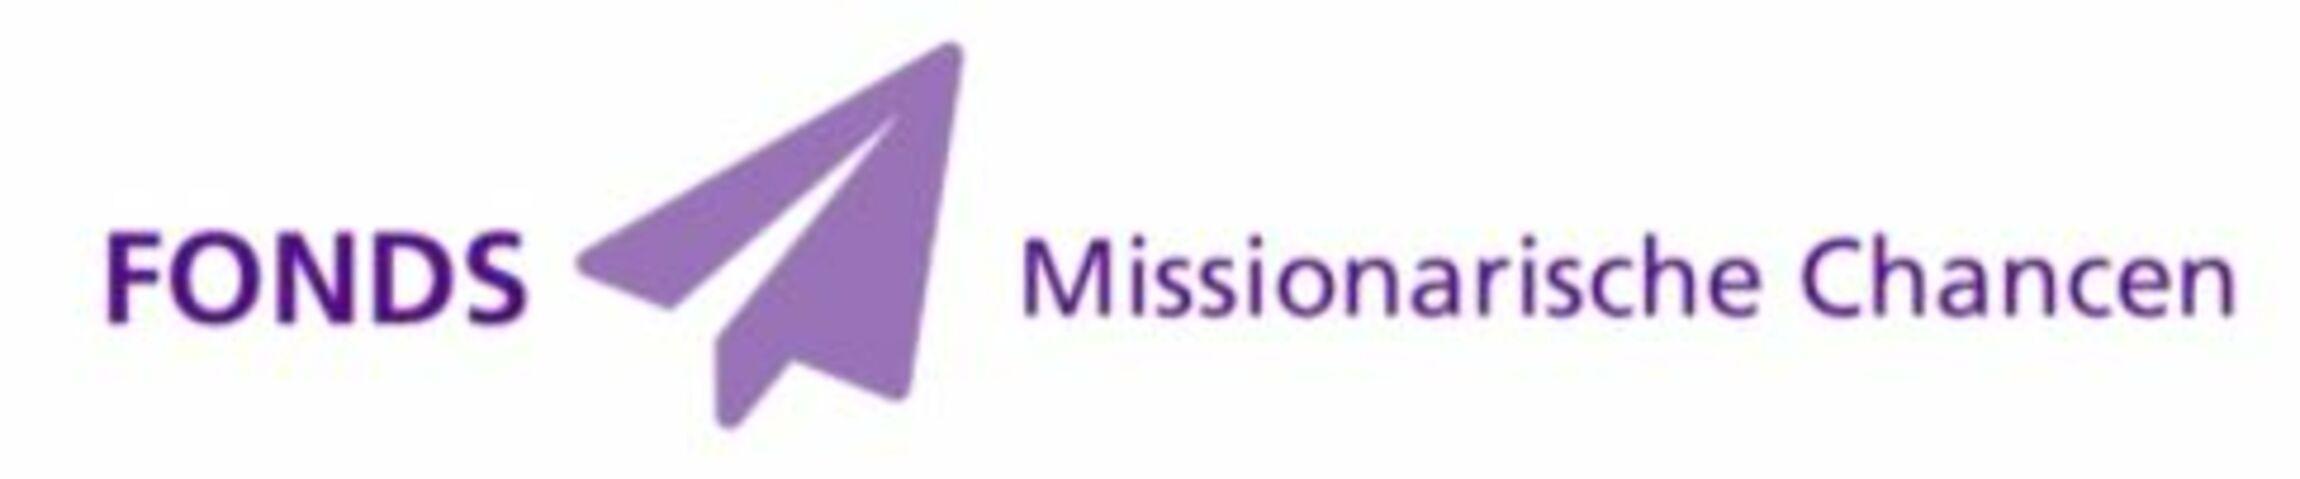 Logo Fonds Missionarische Chancen